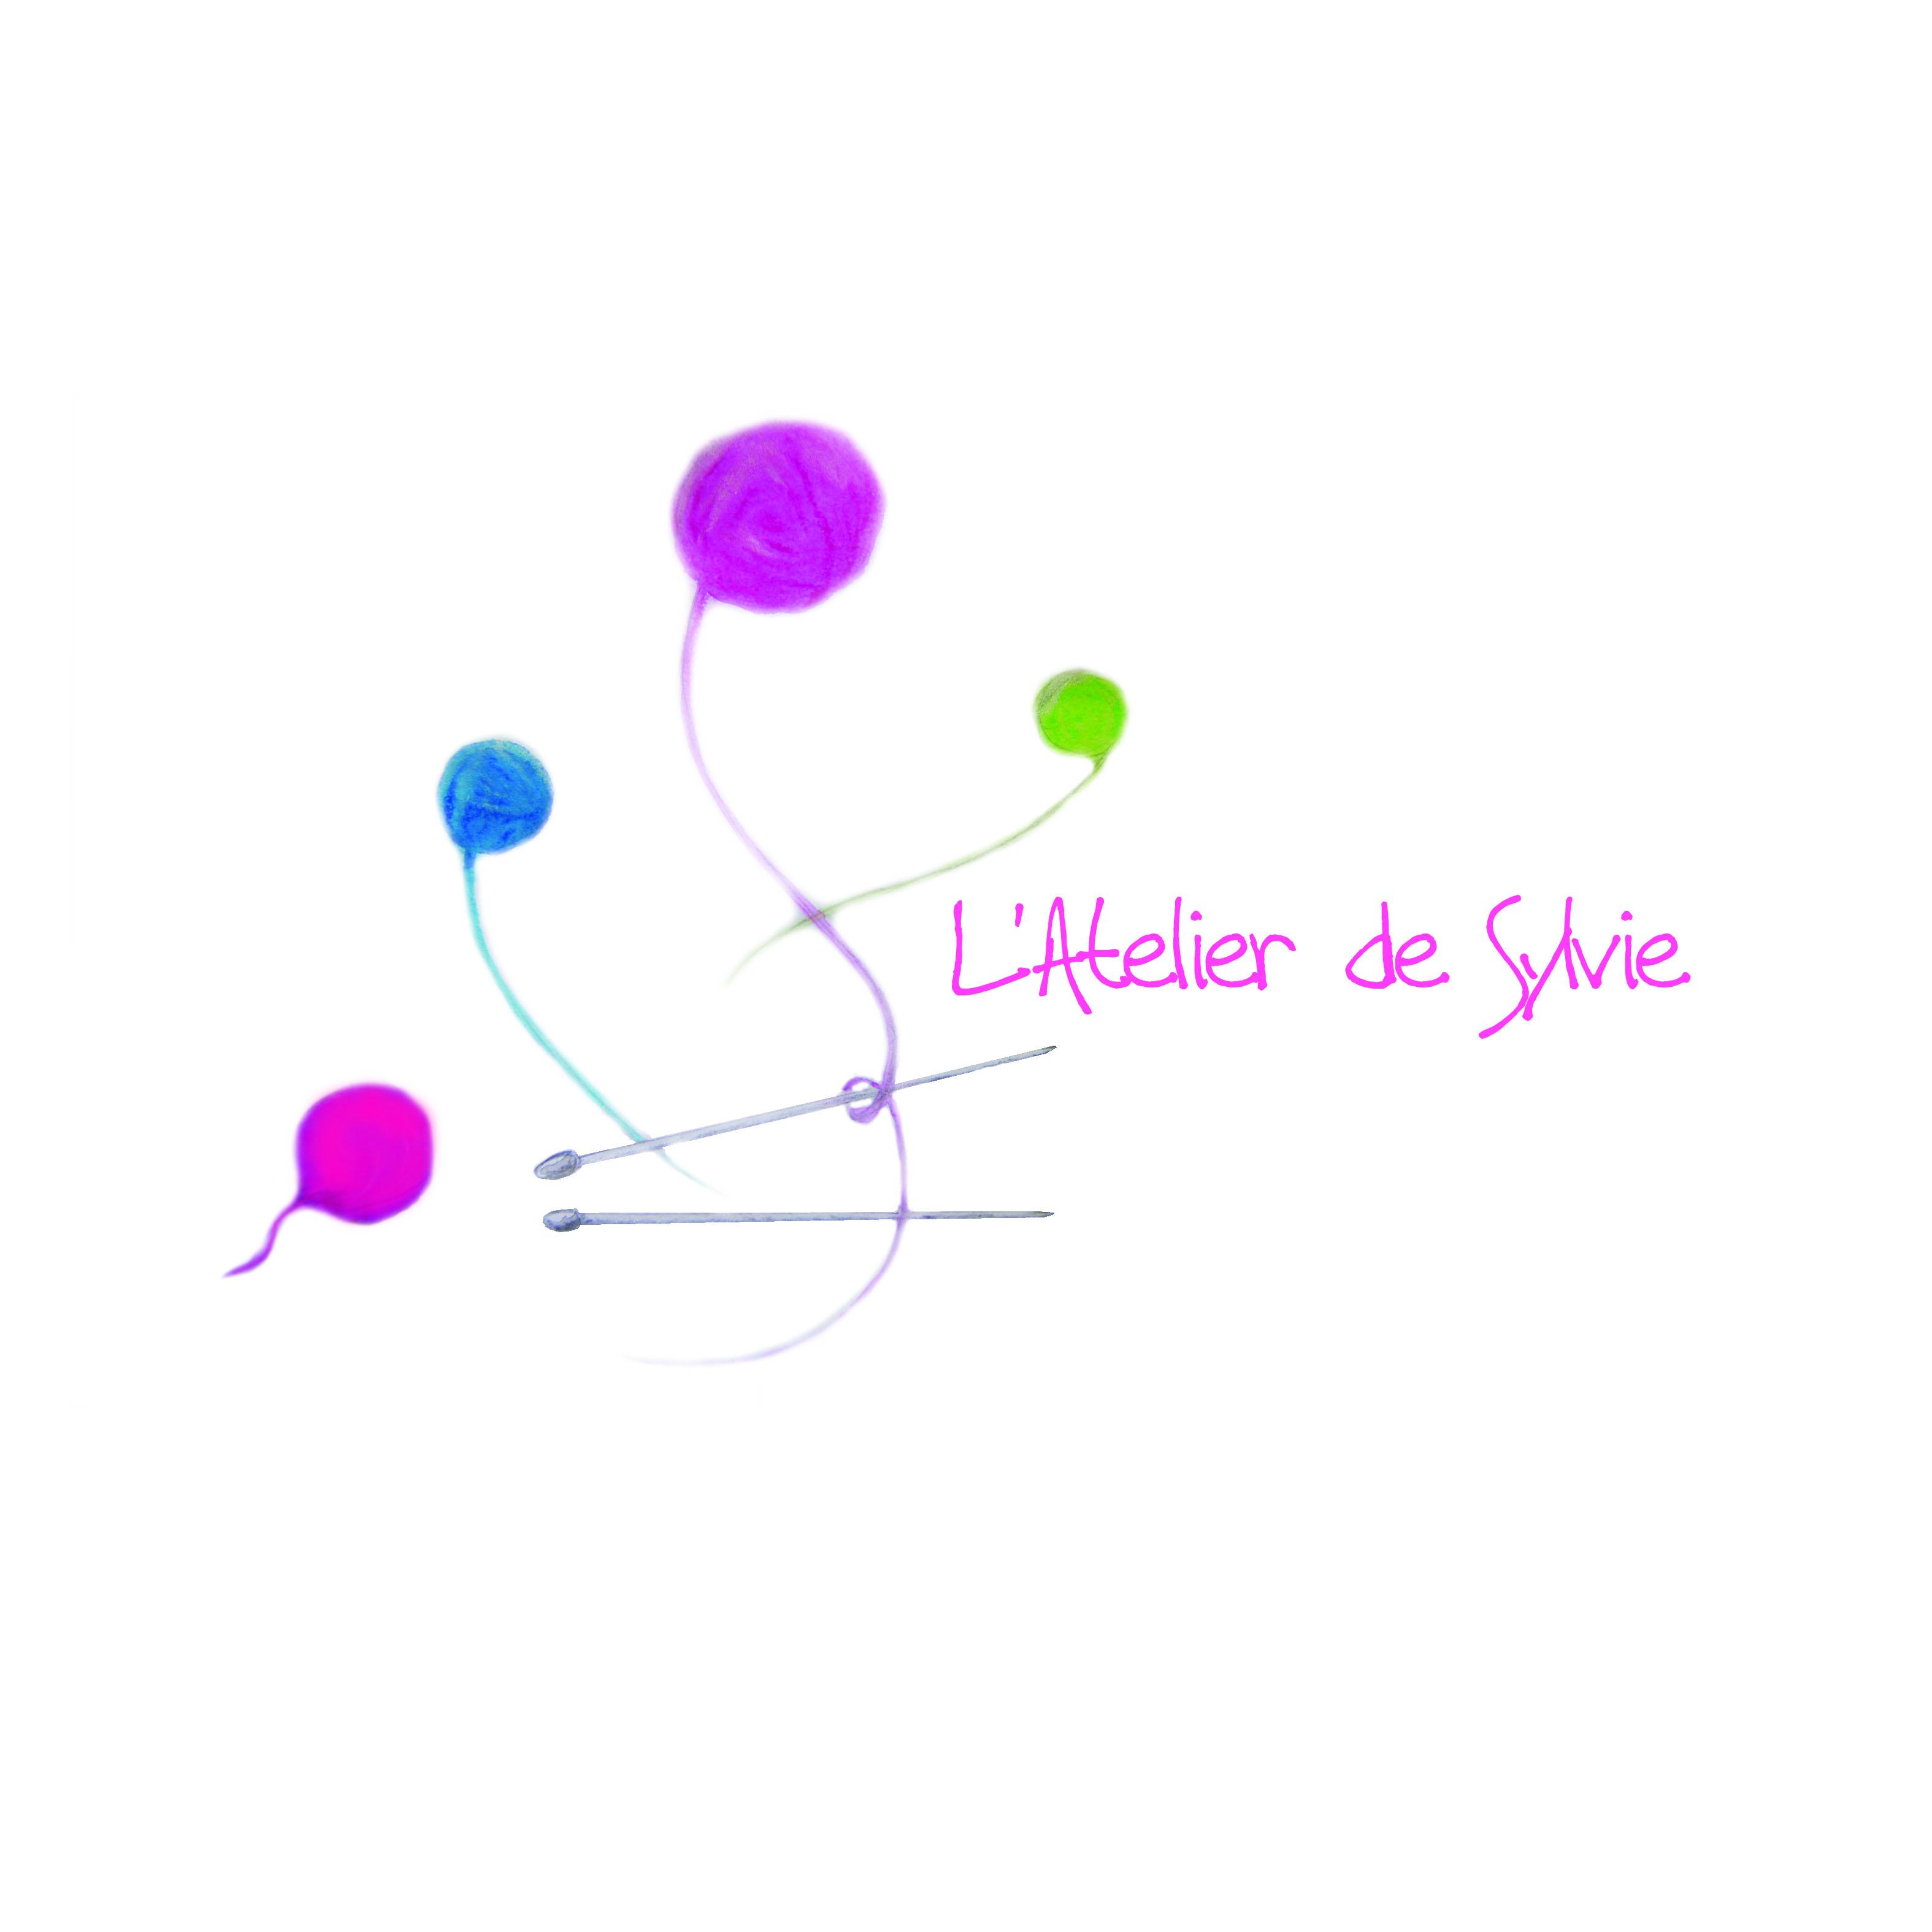 l'Atelier de Sylvie